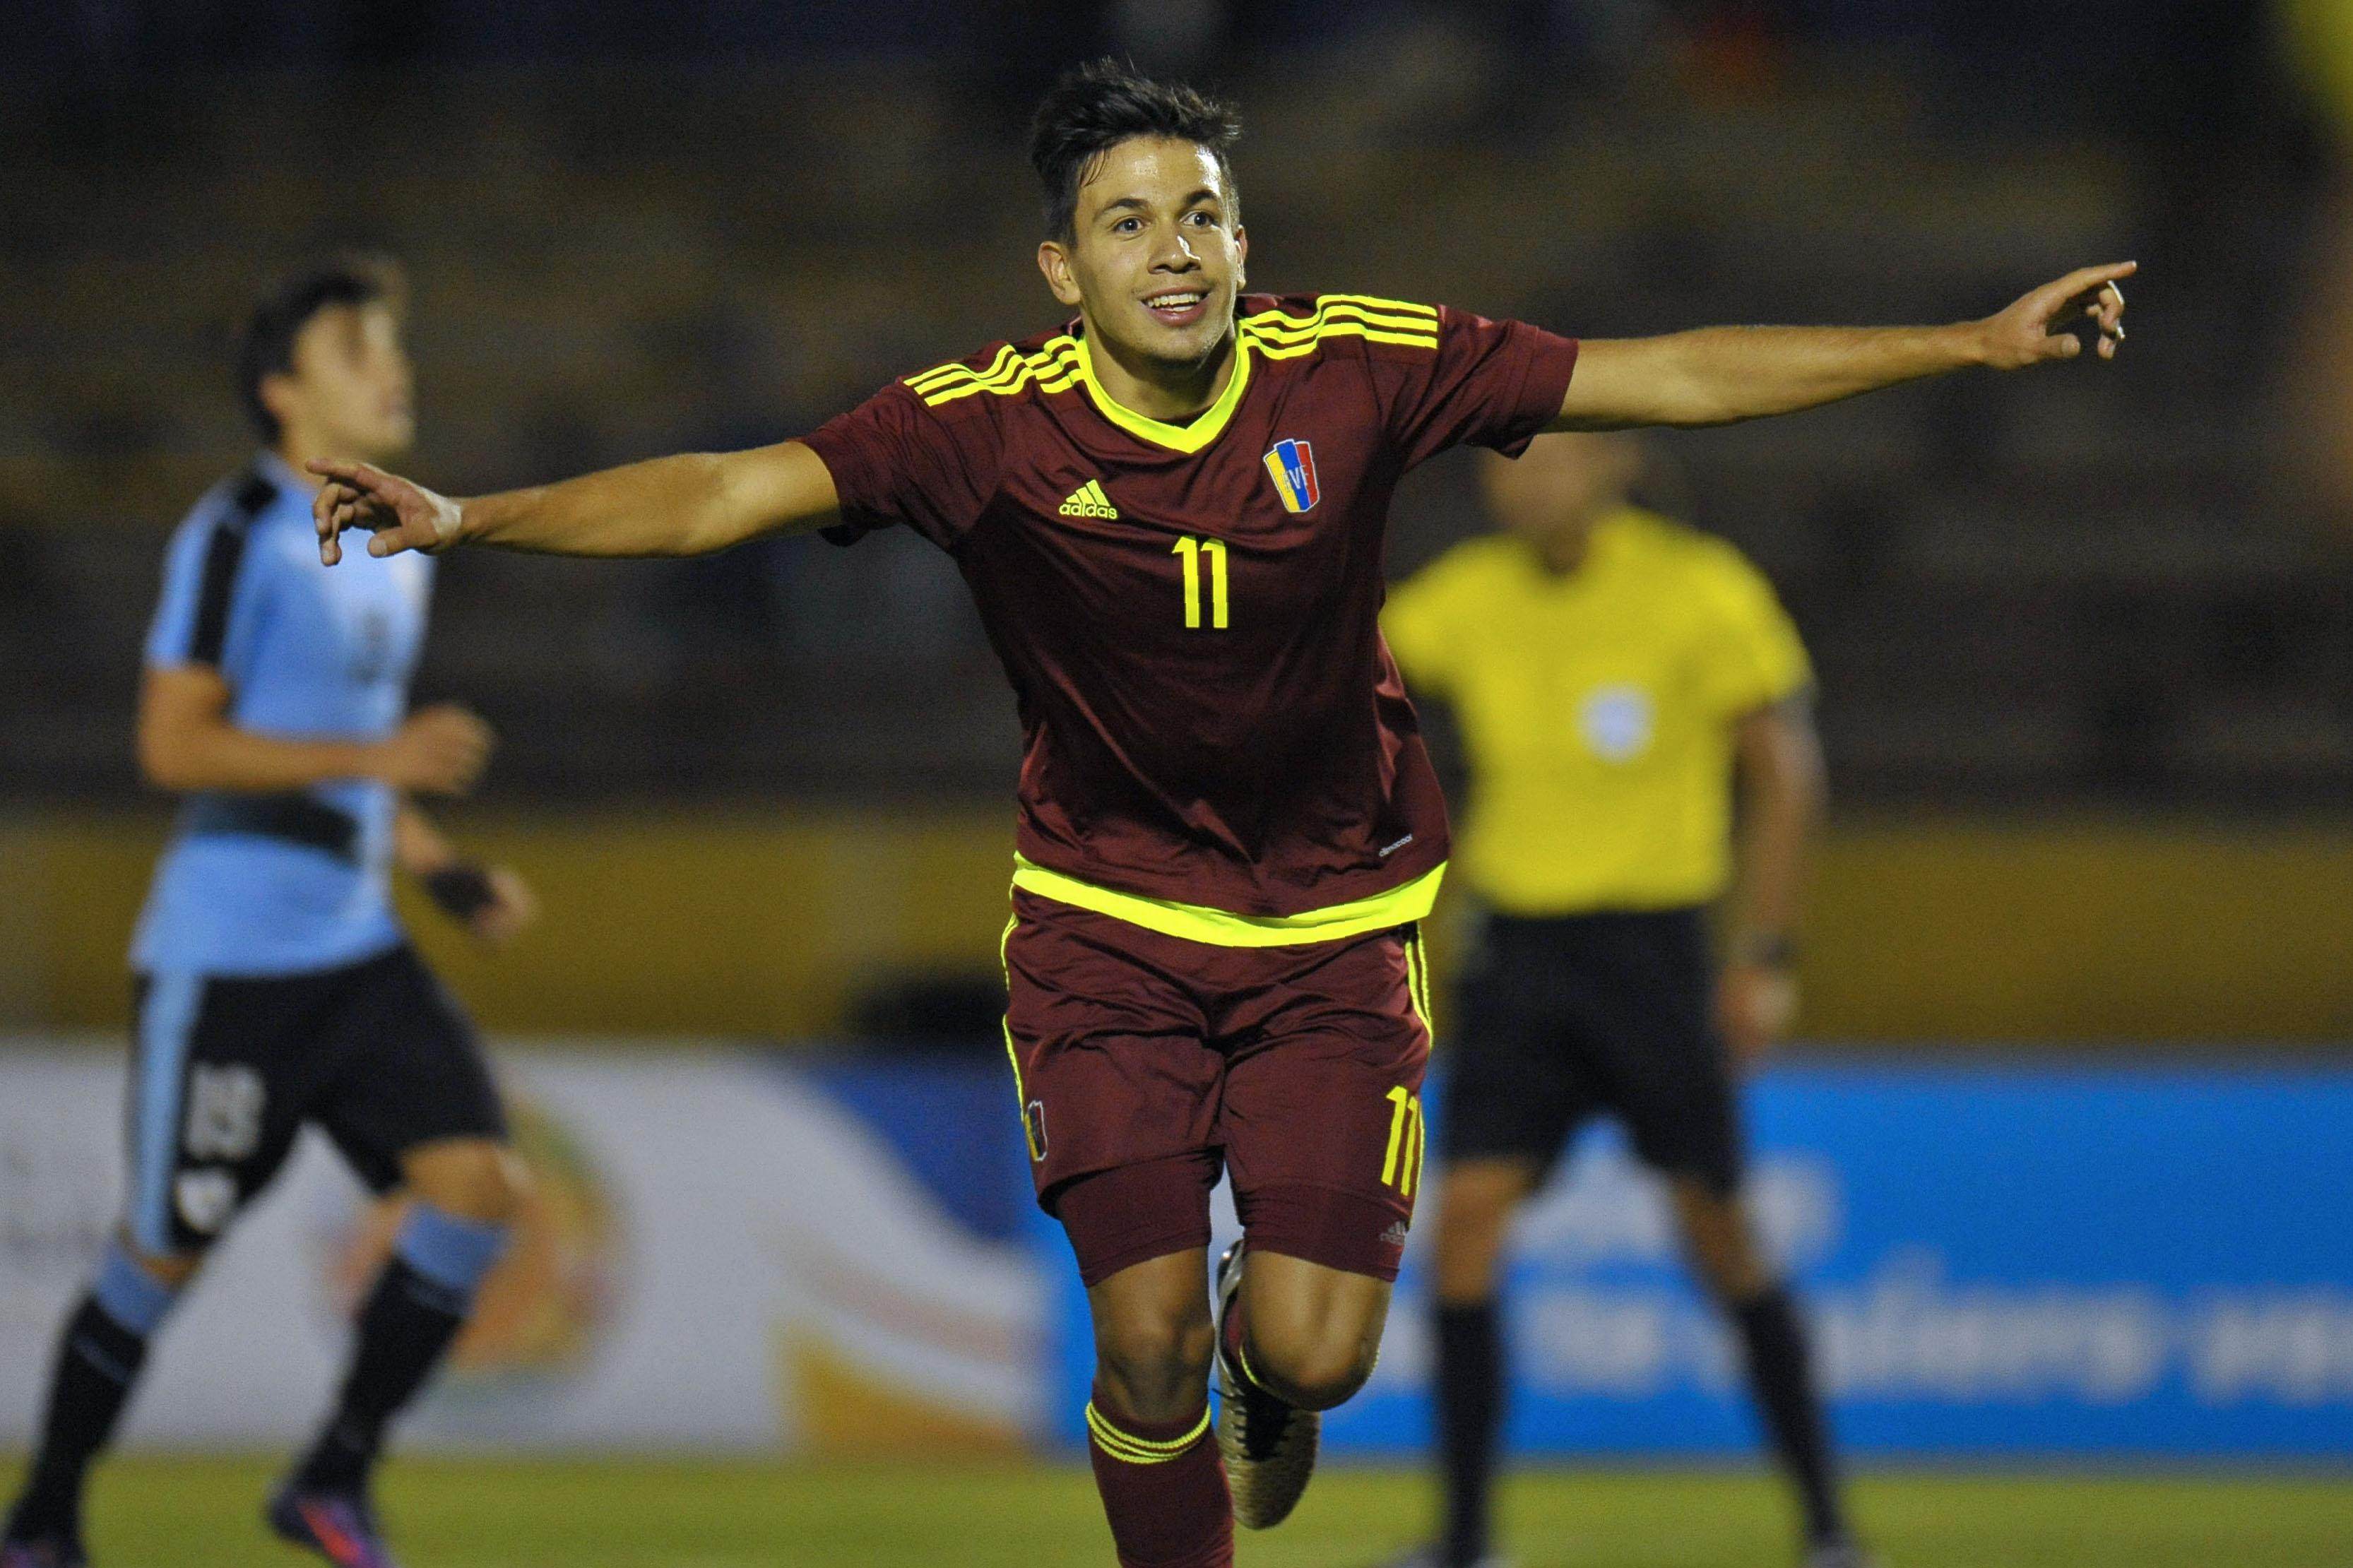 Ronaldo Chacón celebra tras anotarle un gol a Uruguay. (Crédito: JUAN CEVALLOS/AFP/Getty Images)